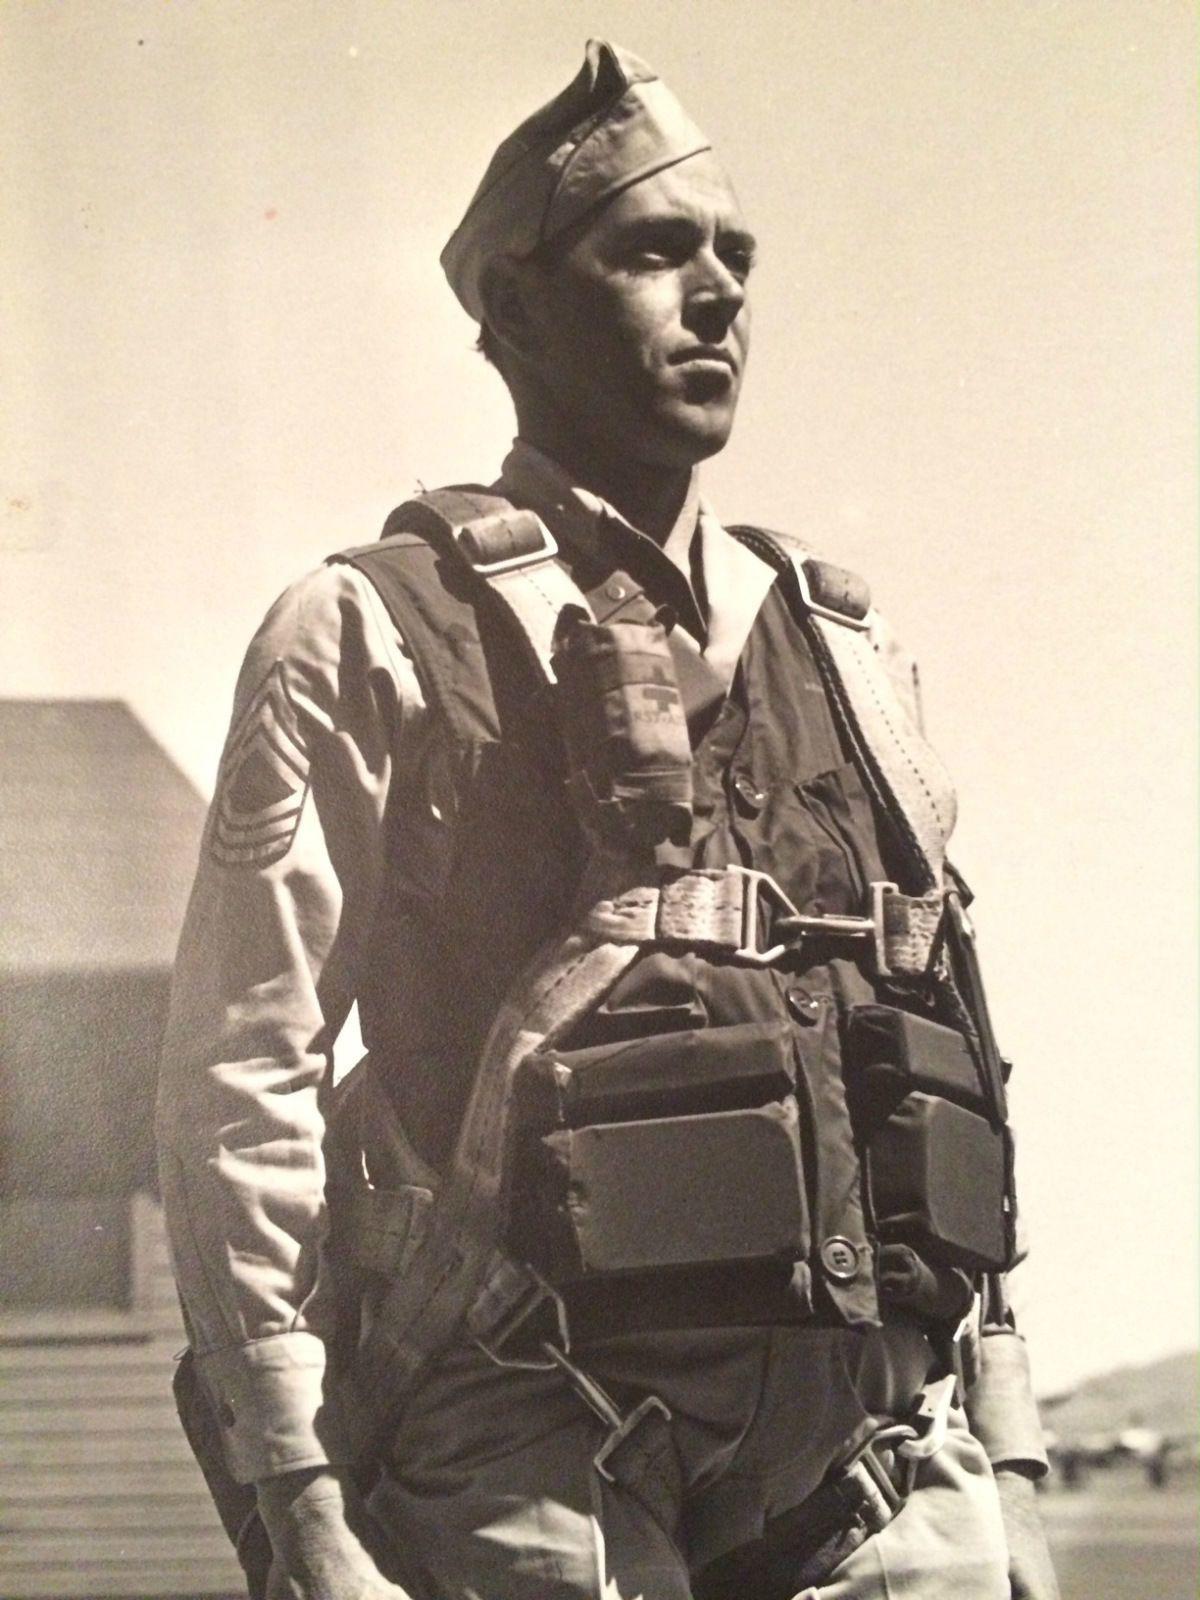 マグネッツ神戸店 7/1(水)Vintage入荷! #1 U.S.Military Item Part 1!_c0078587_13445032.jpg